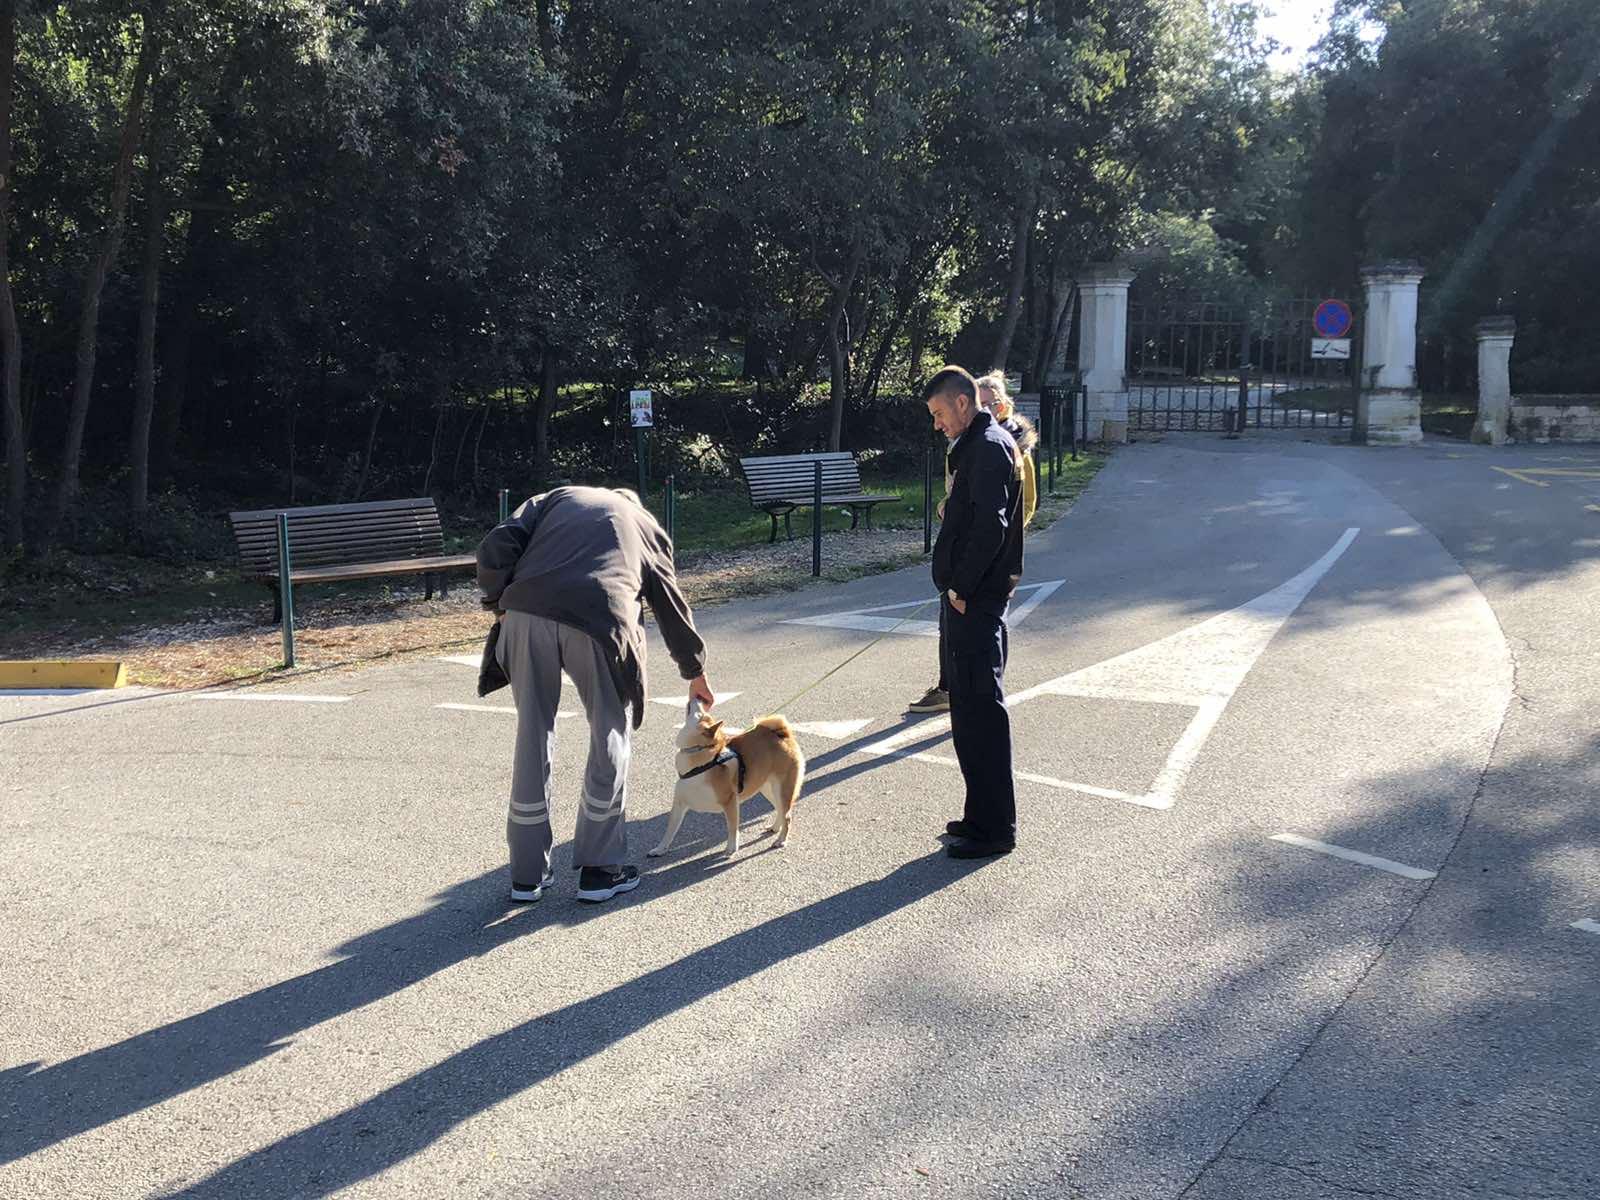 Le guardie comunali effettuano il controllo dei cani nei luoghi pubblici